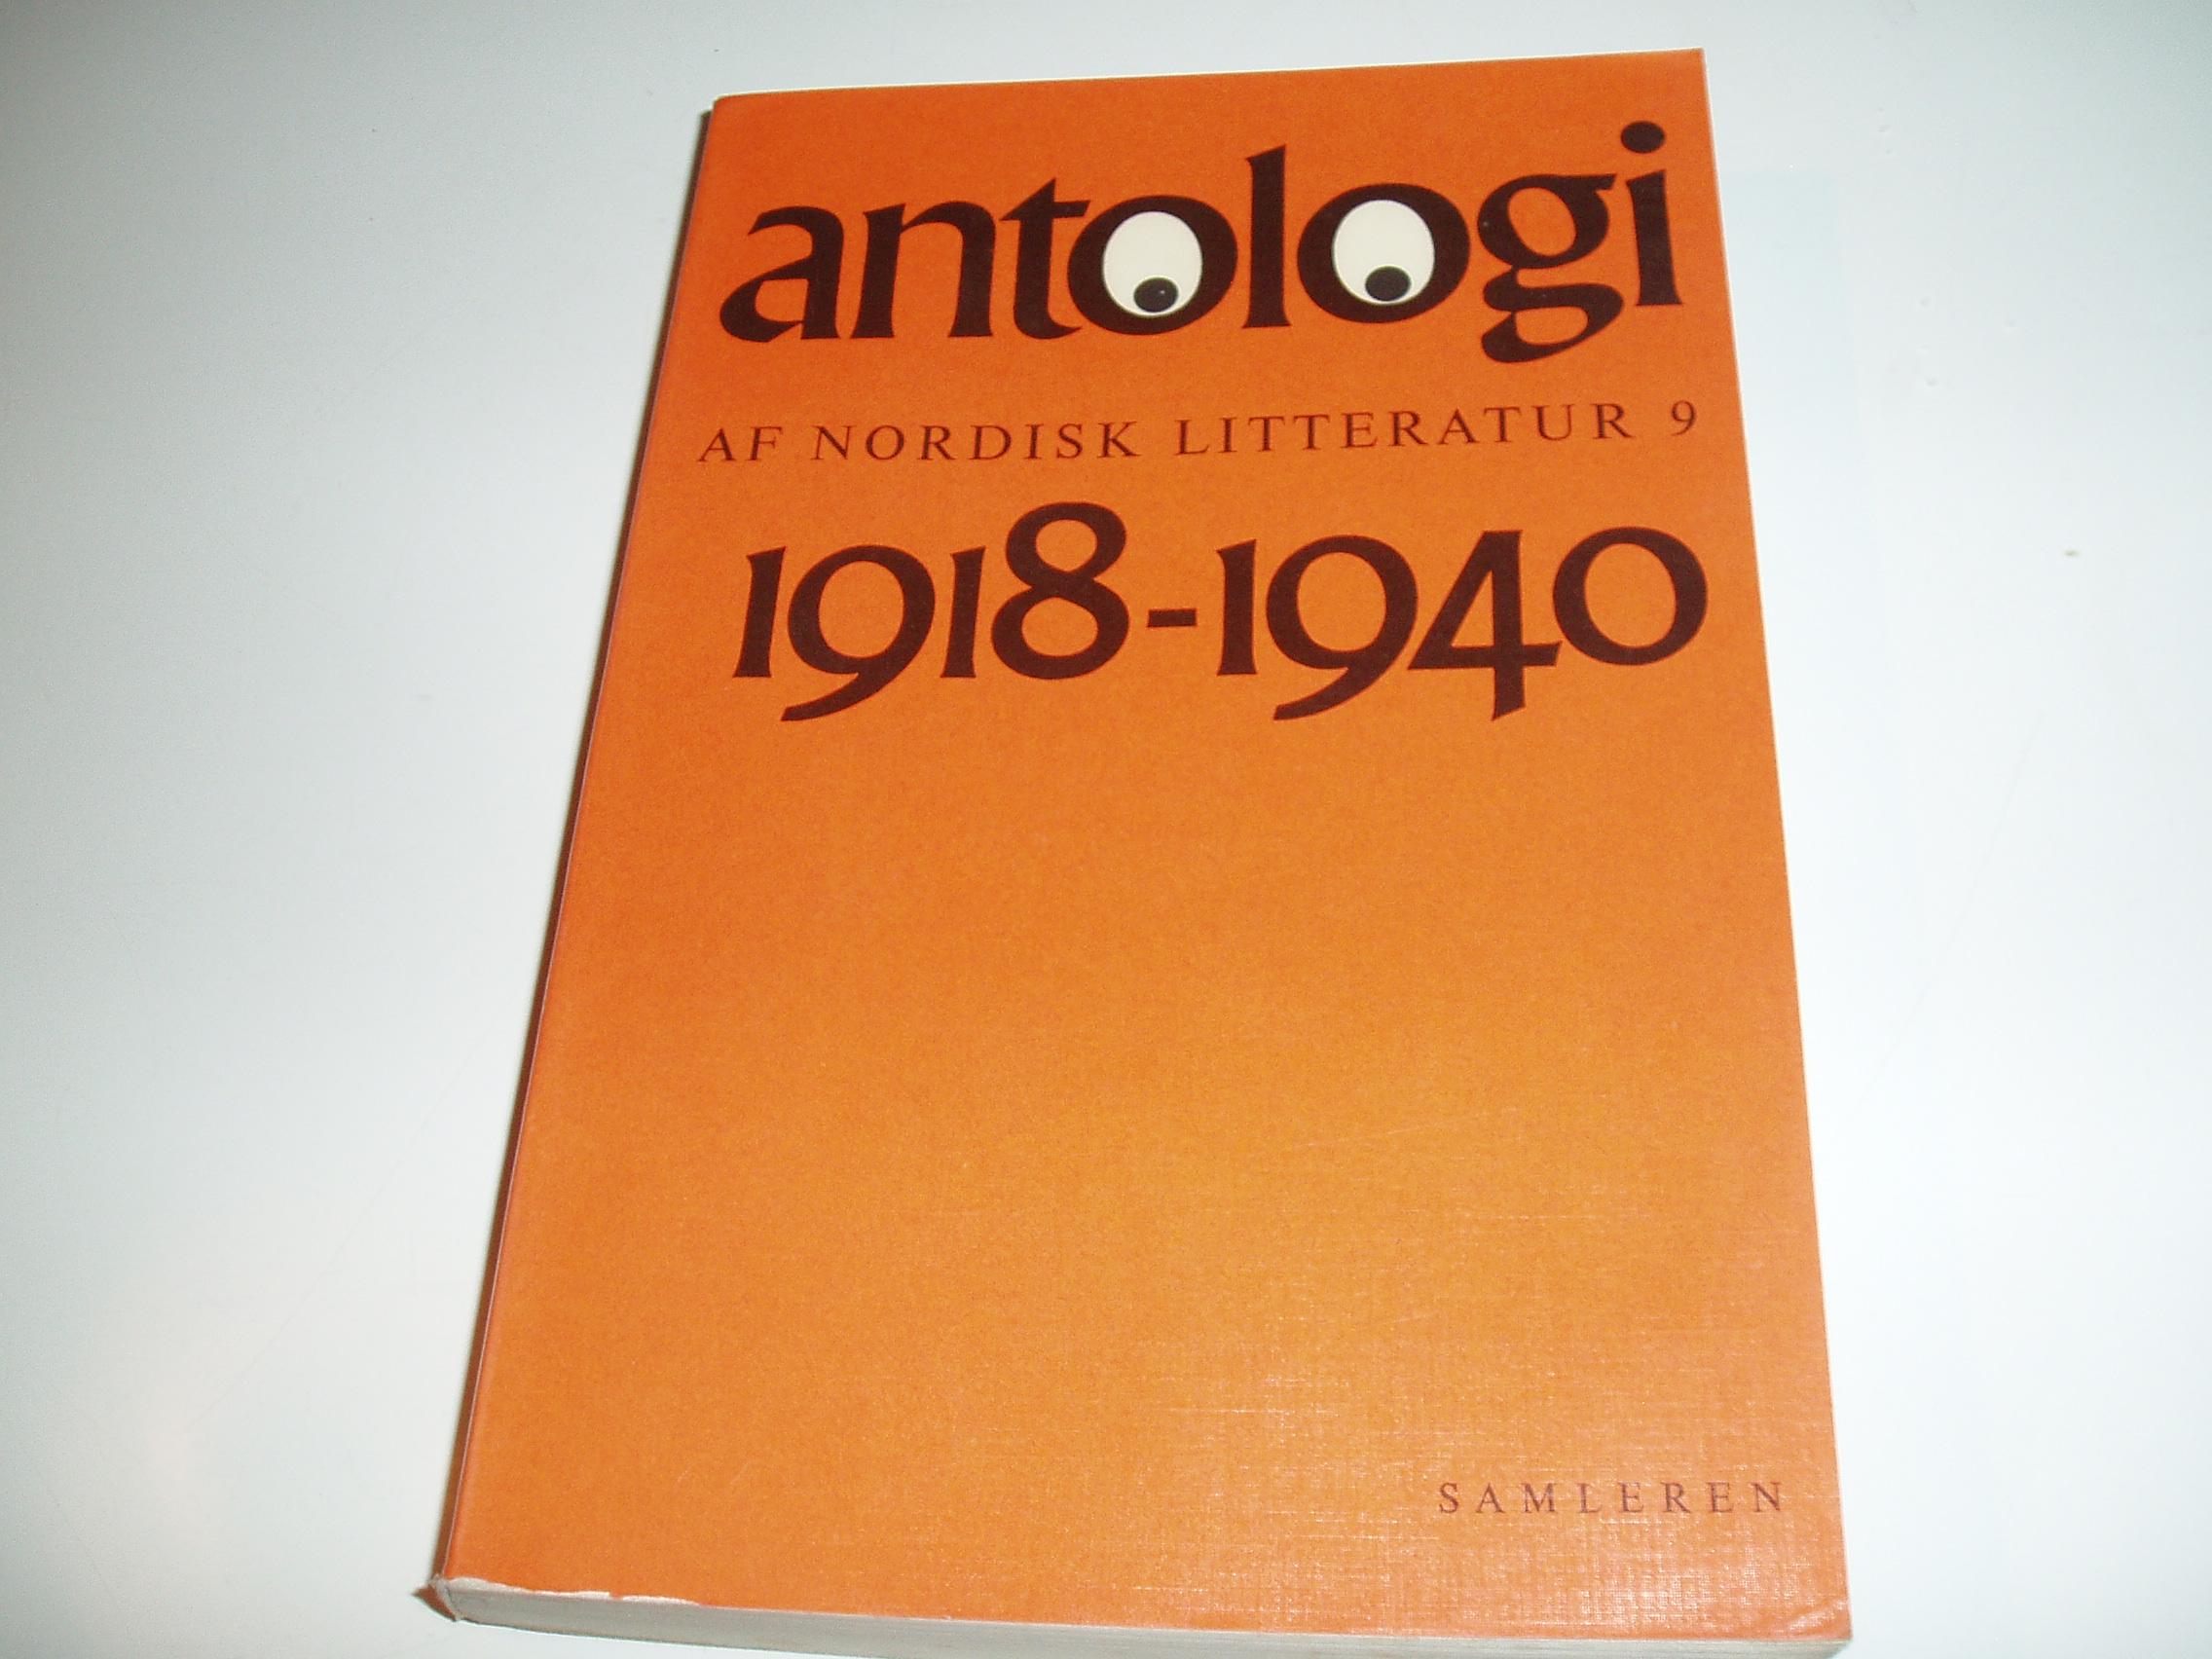 Antologi af nordisk litteratur, bind 9. Perioden 1918-1940